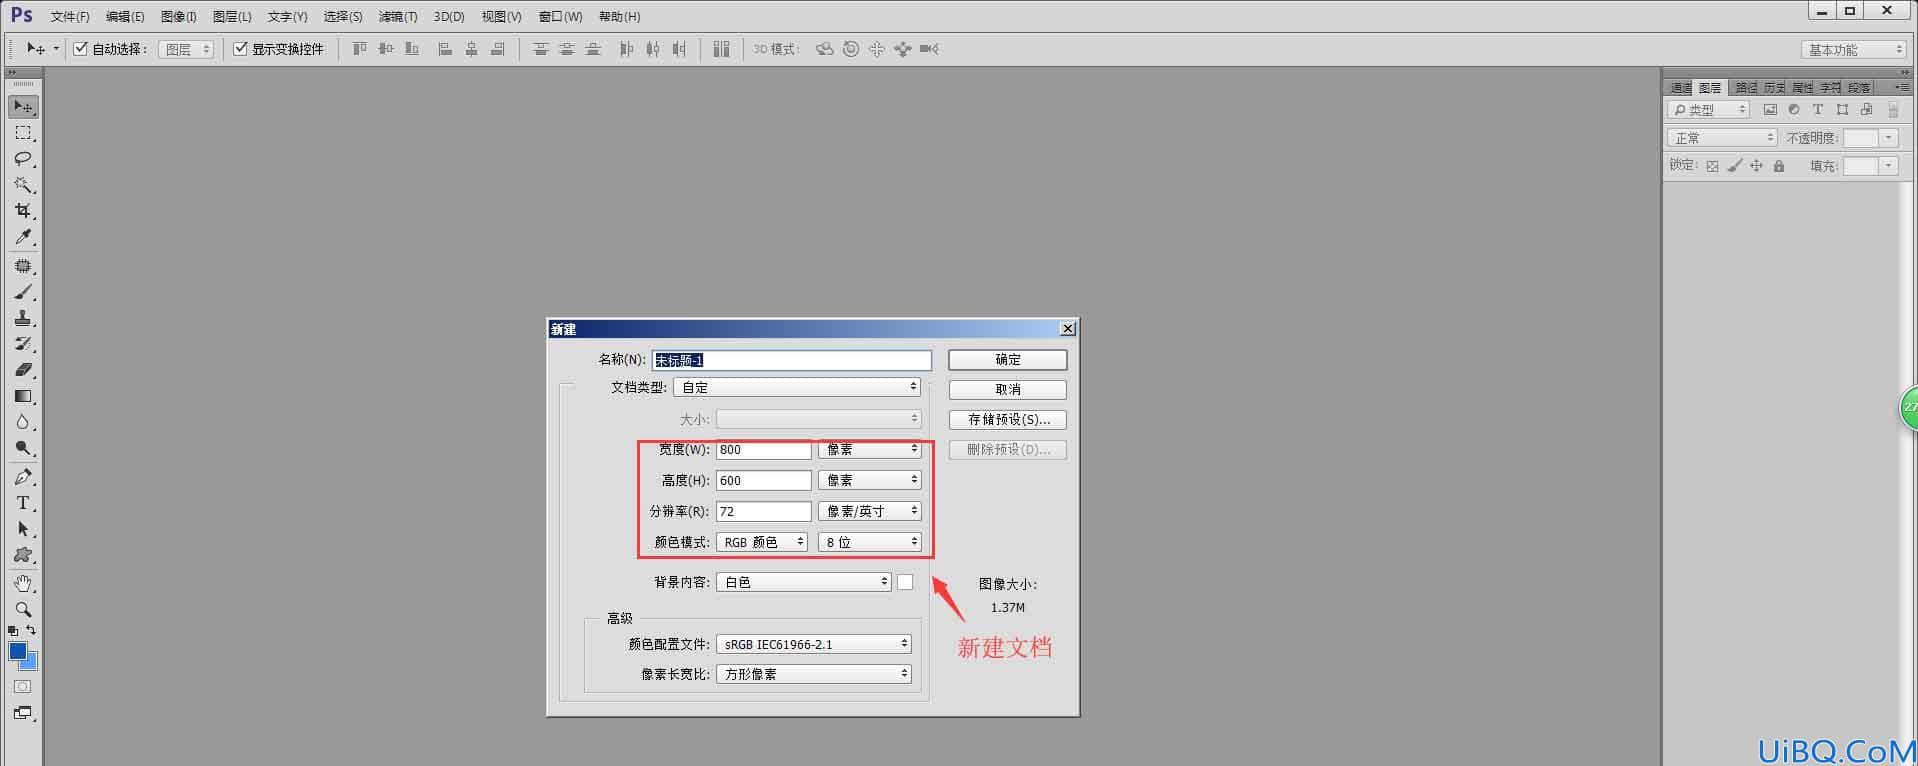 学习用Photoshop怎么把一段文字打在飘逸的布上,Photoshop布料上添加文字的技巧